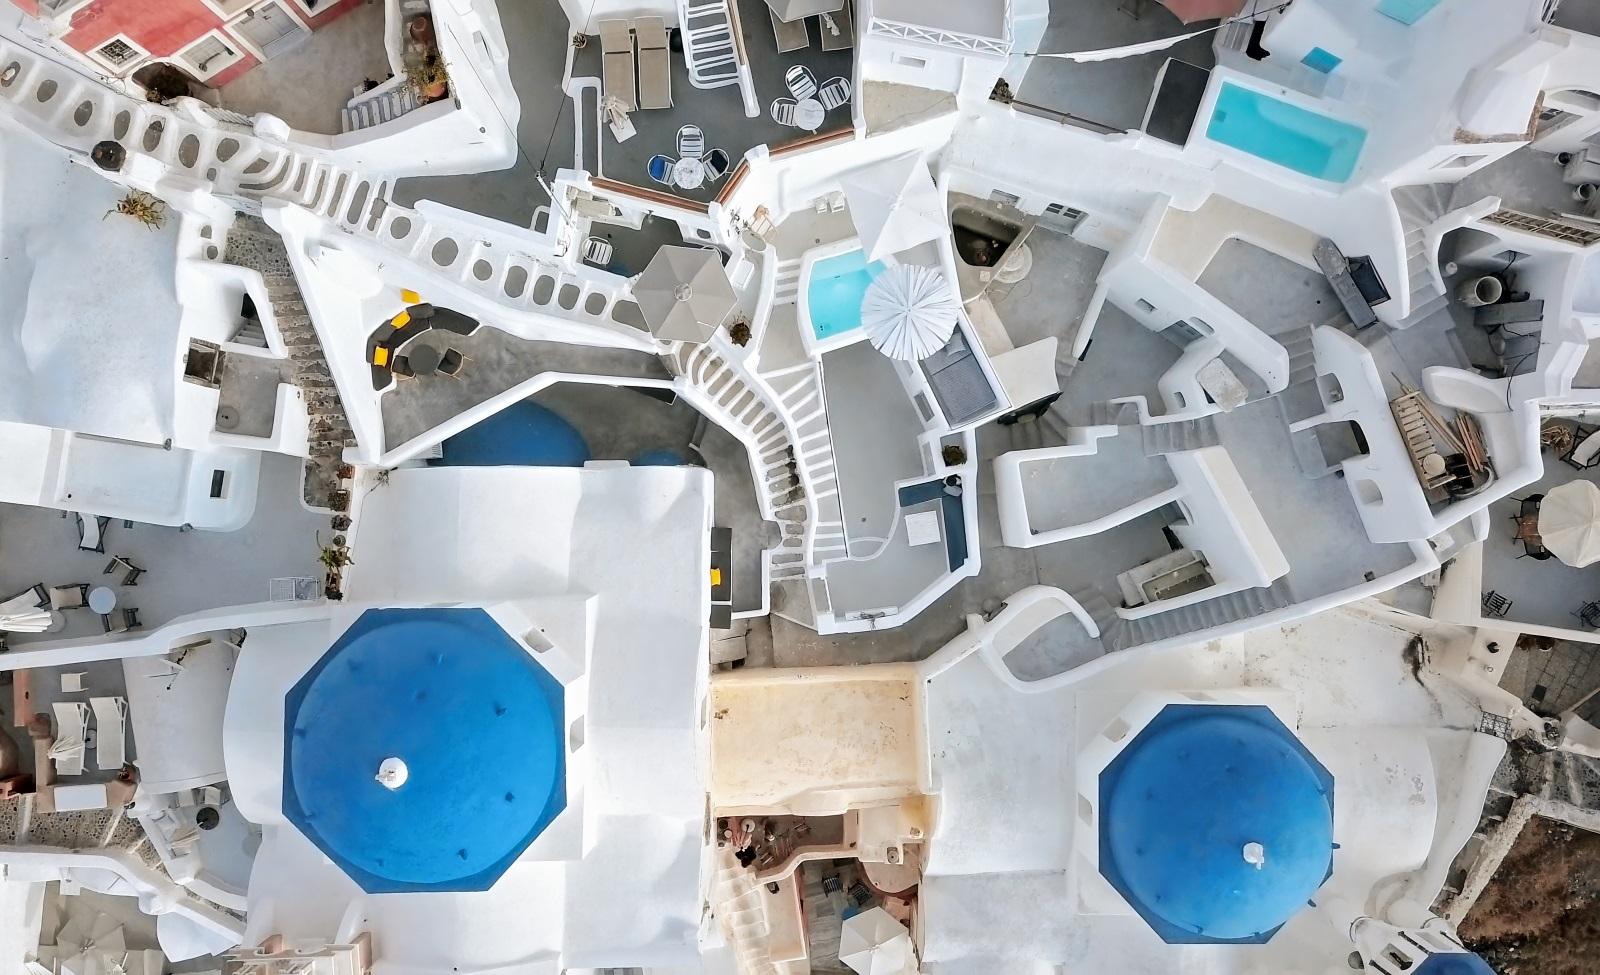 <p>Санторини - райско кътче, откъдето всеки един истински travel инфлуенсър иска да публикува снимка в Инстаграм. Гръцкият остров е познат като едно от най-романтичните места в света &ndash; красиви плажове, кристални води и вдъхновяващи залези. Убедете се сами, като разгледате нашата галерия.</p>